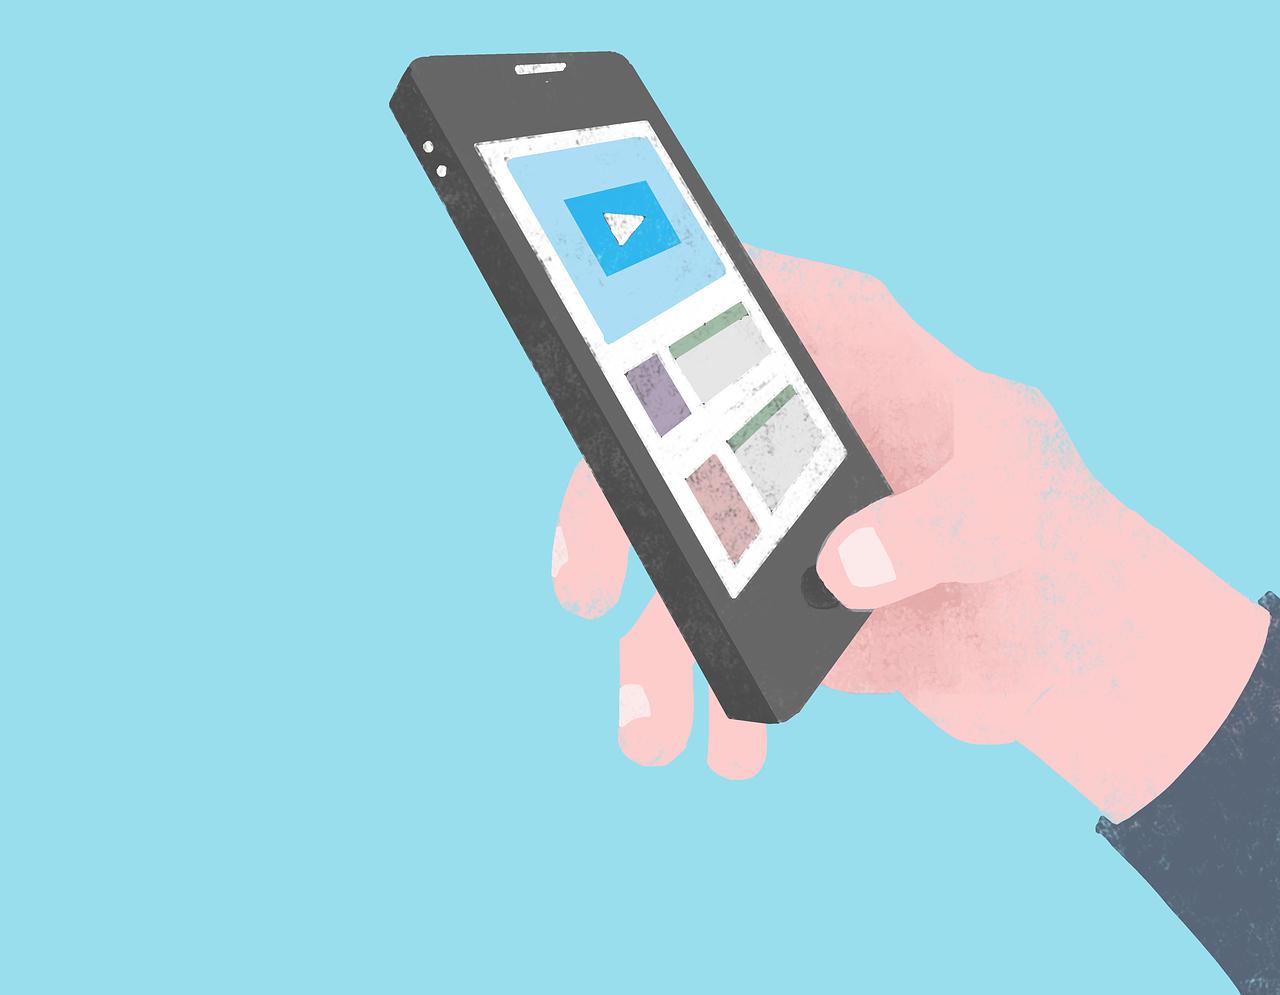 動画, 映像, ムービー, アニメーション, ビデオ, スマホ, スマートフォン, アプリ, ウェブ